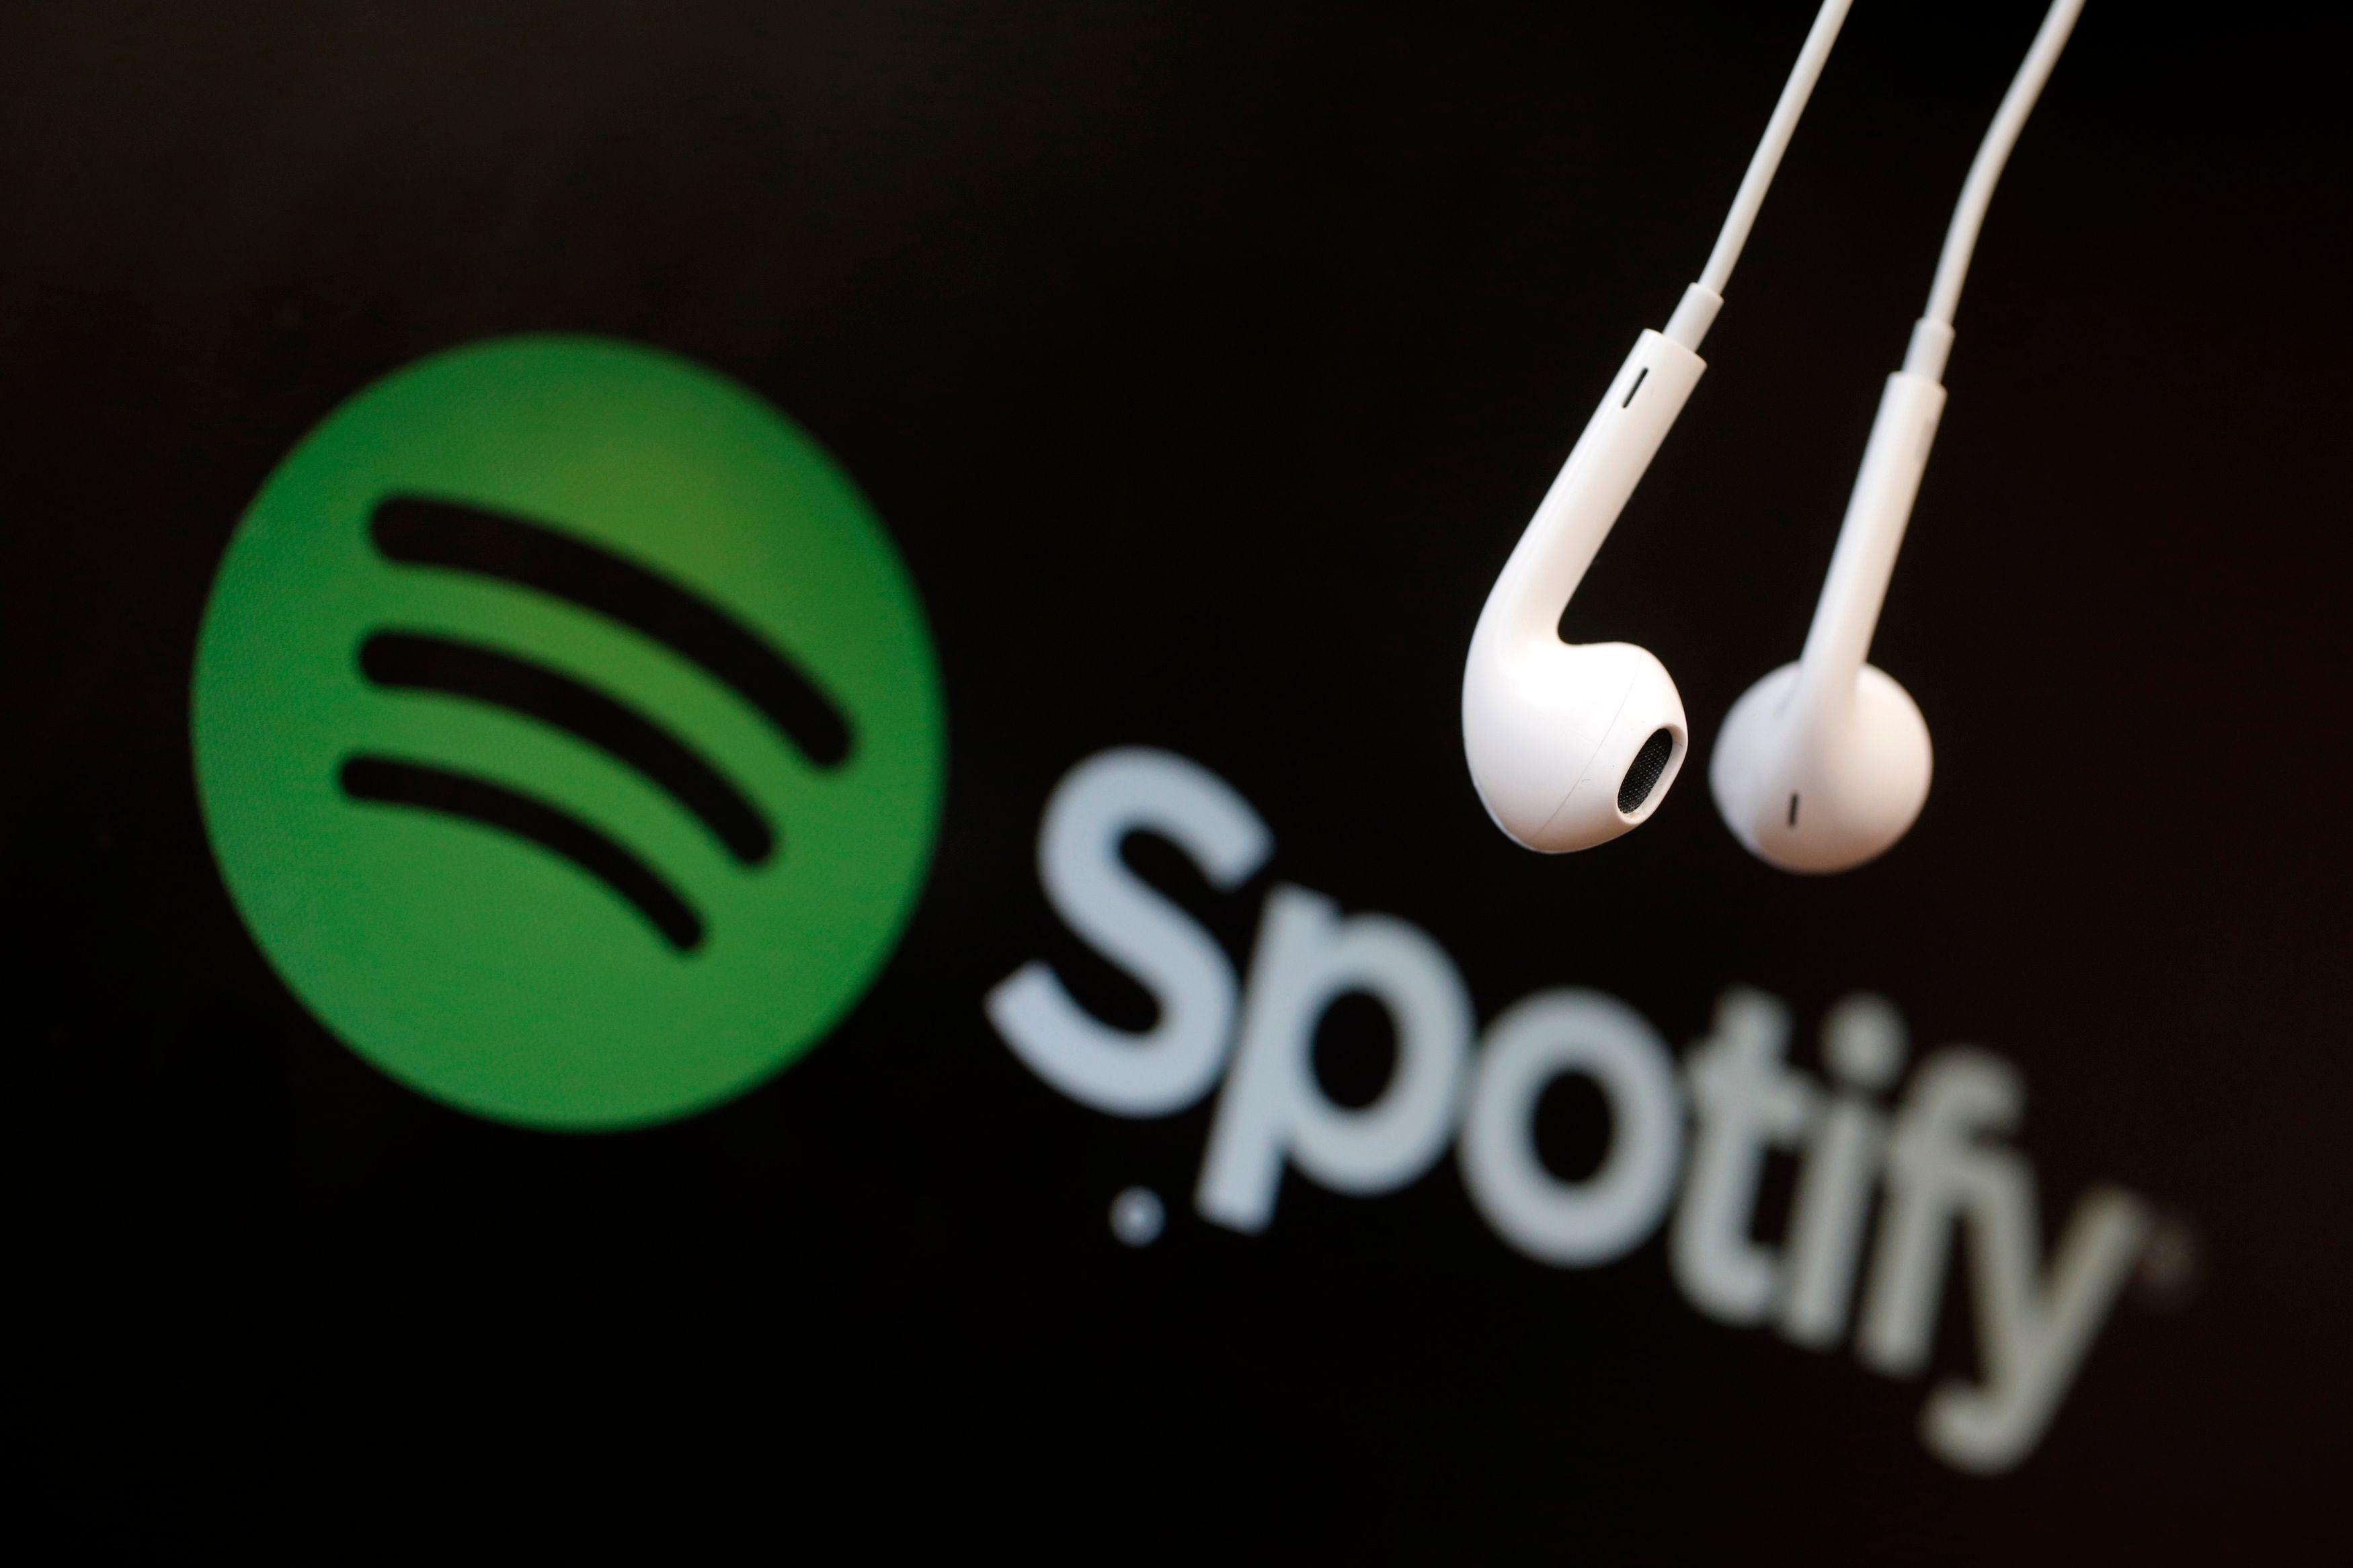 En moyenne, les rémunérations d'artistes s'élèvent entre 0,06 et 0,084 dollars par écoute.